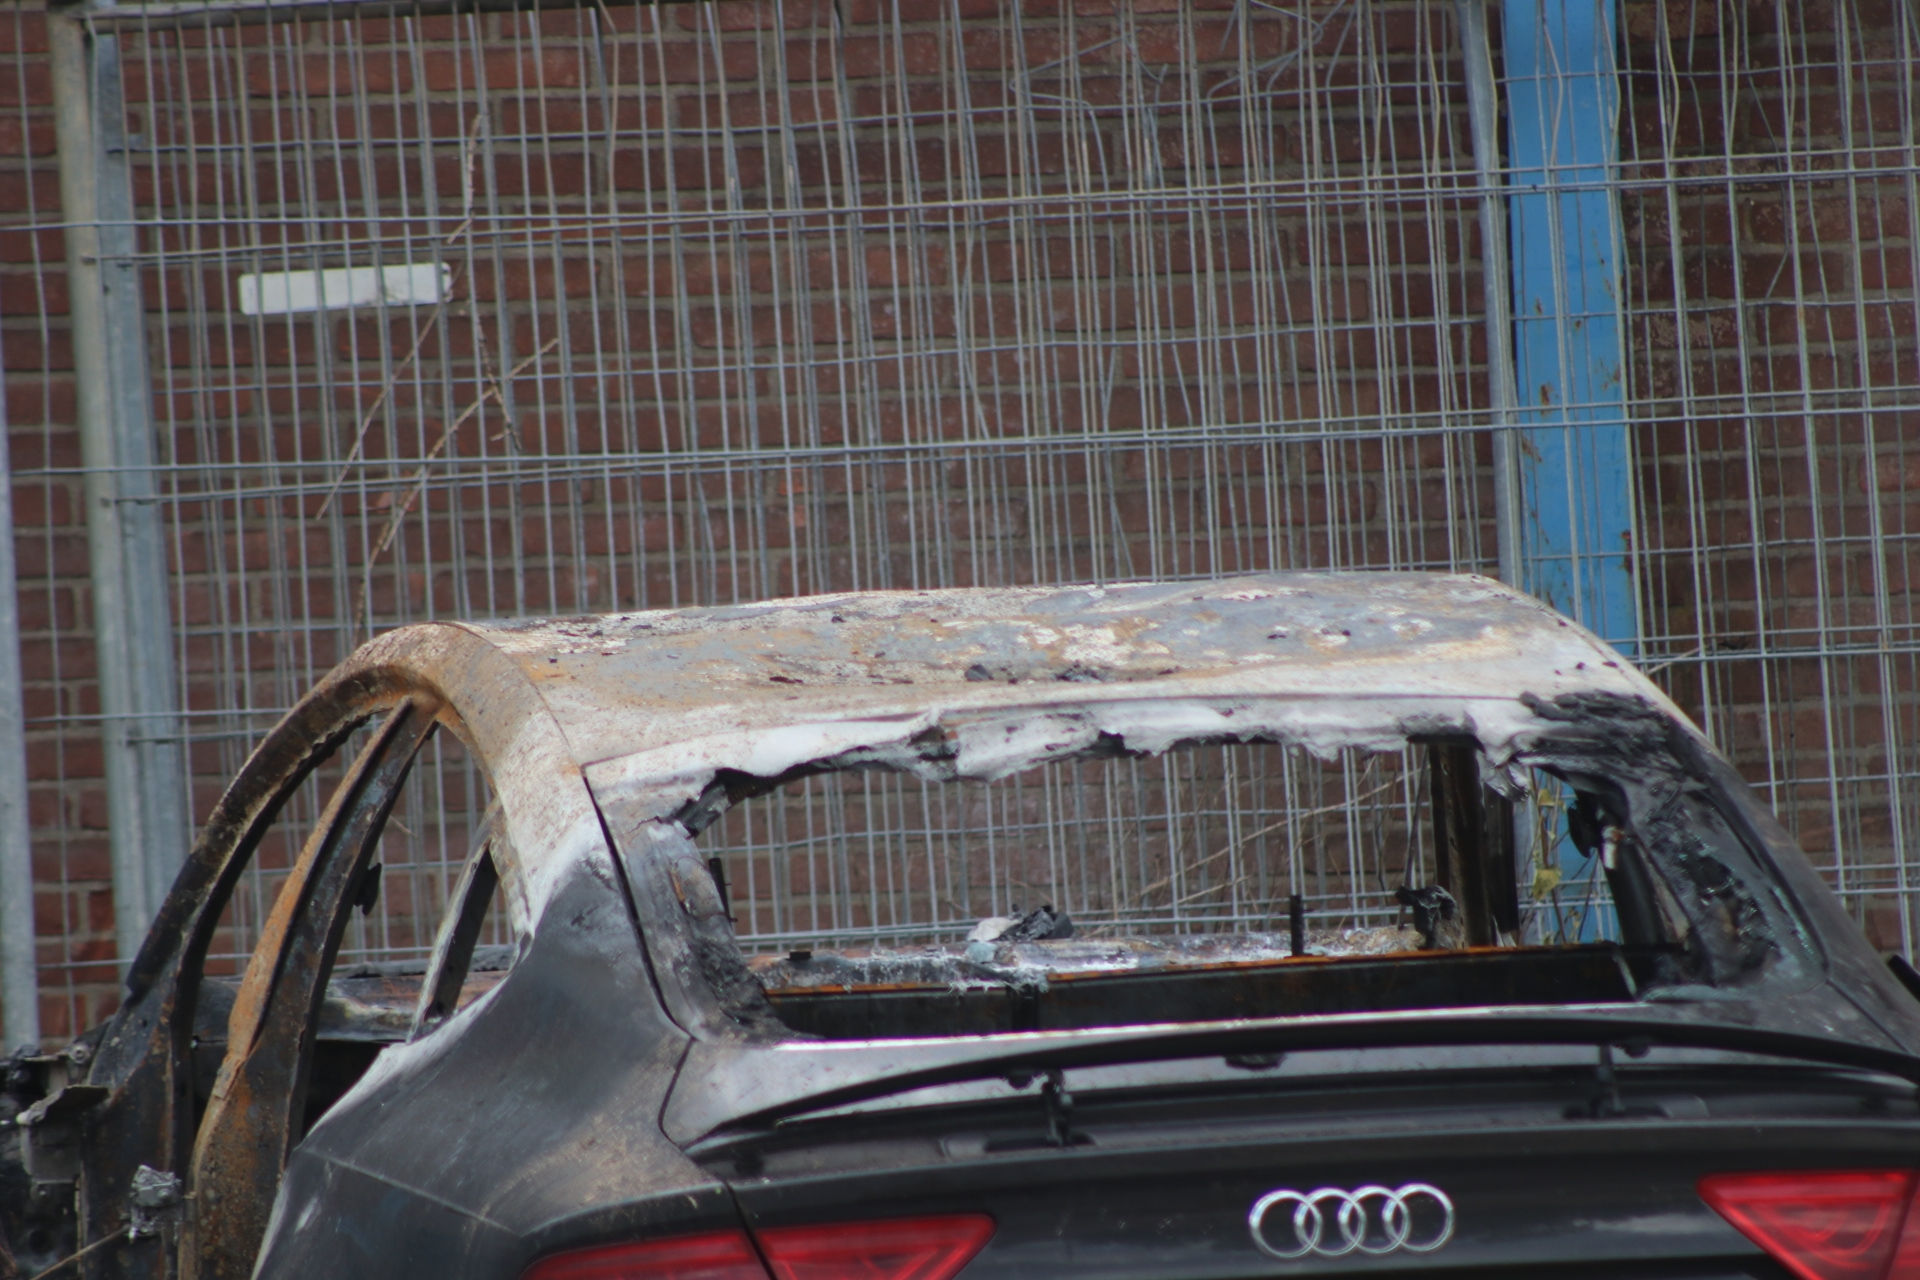 Autobrand bij bedrijfspand in Apeldoorn; Politie doet onderzoek